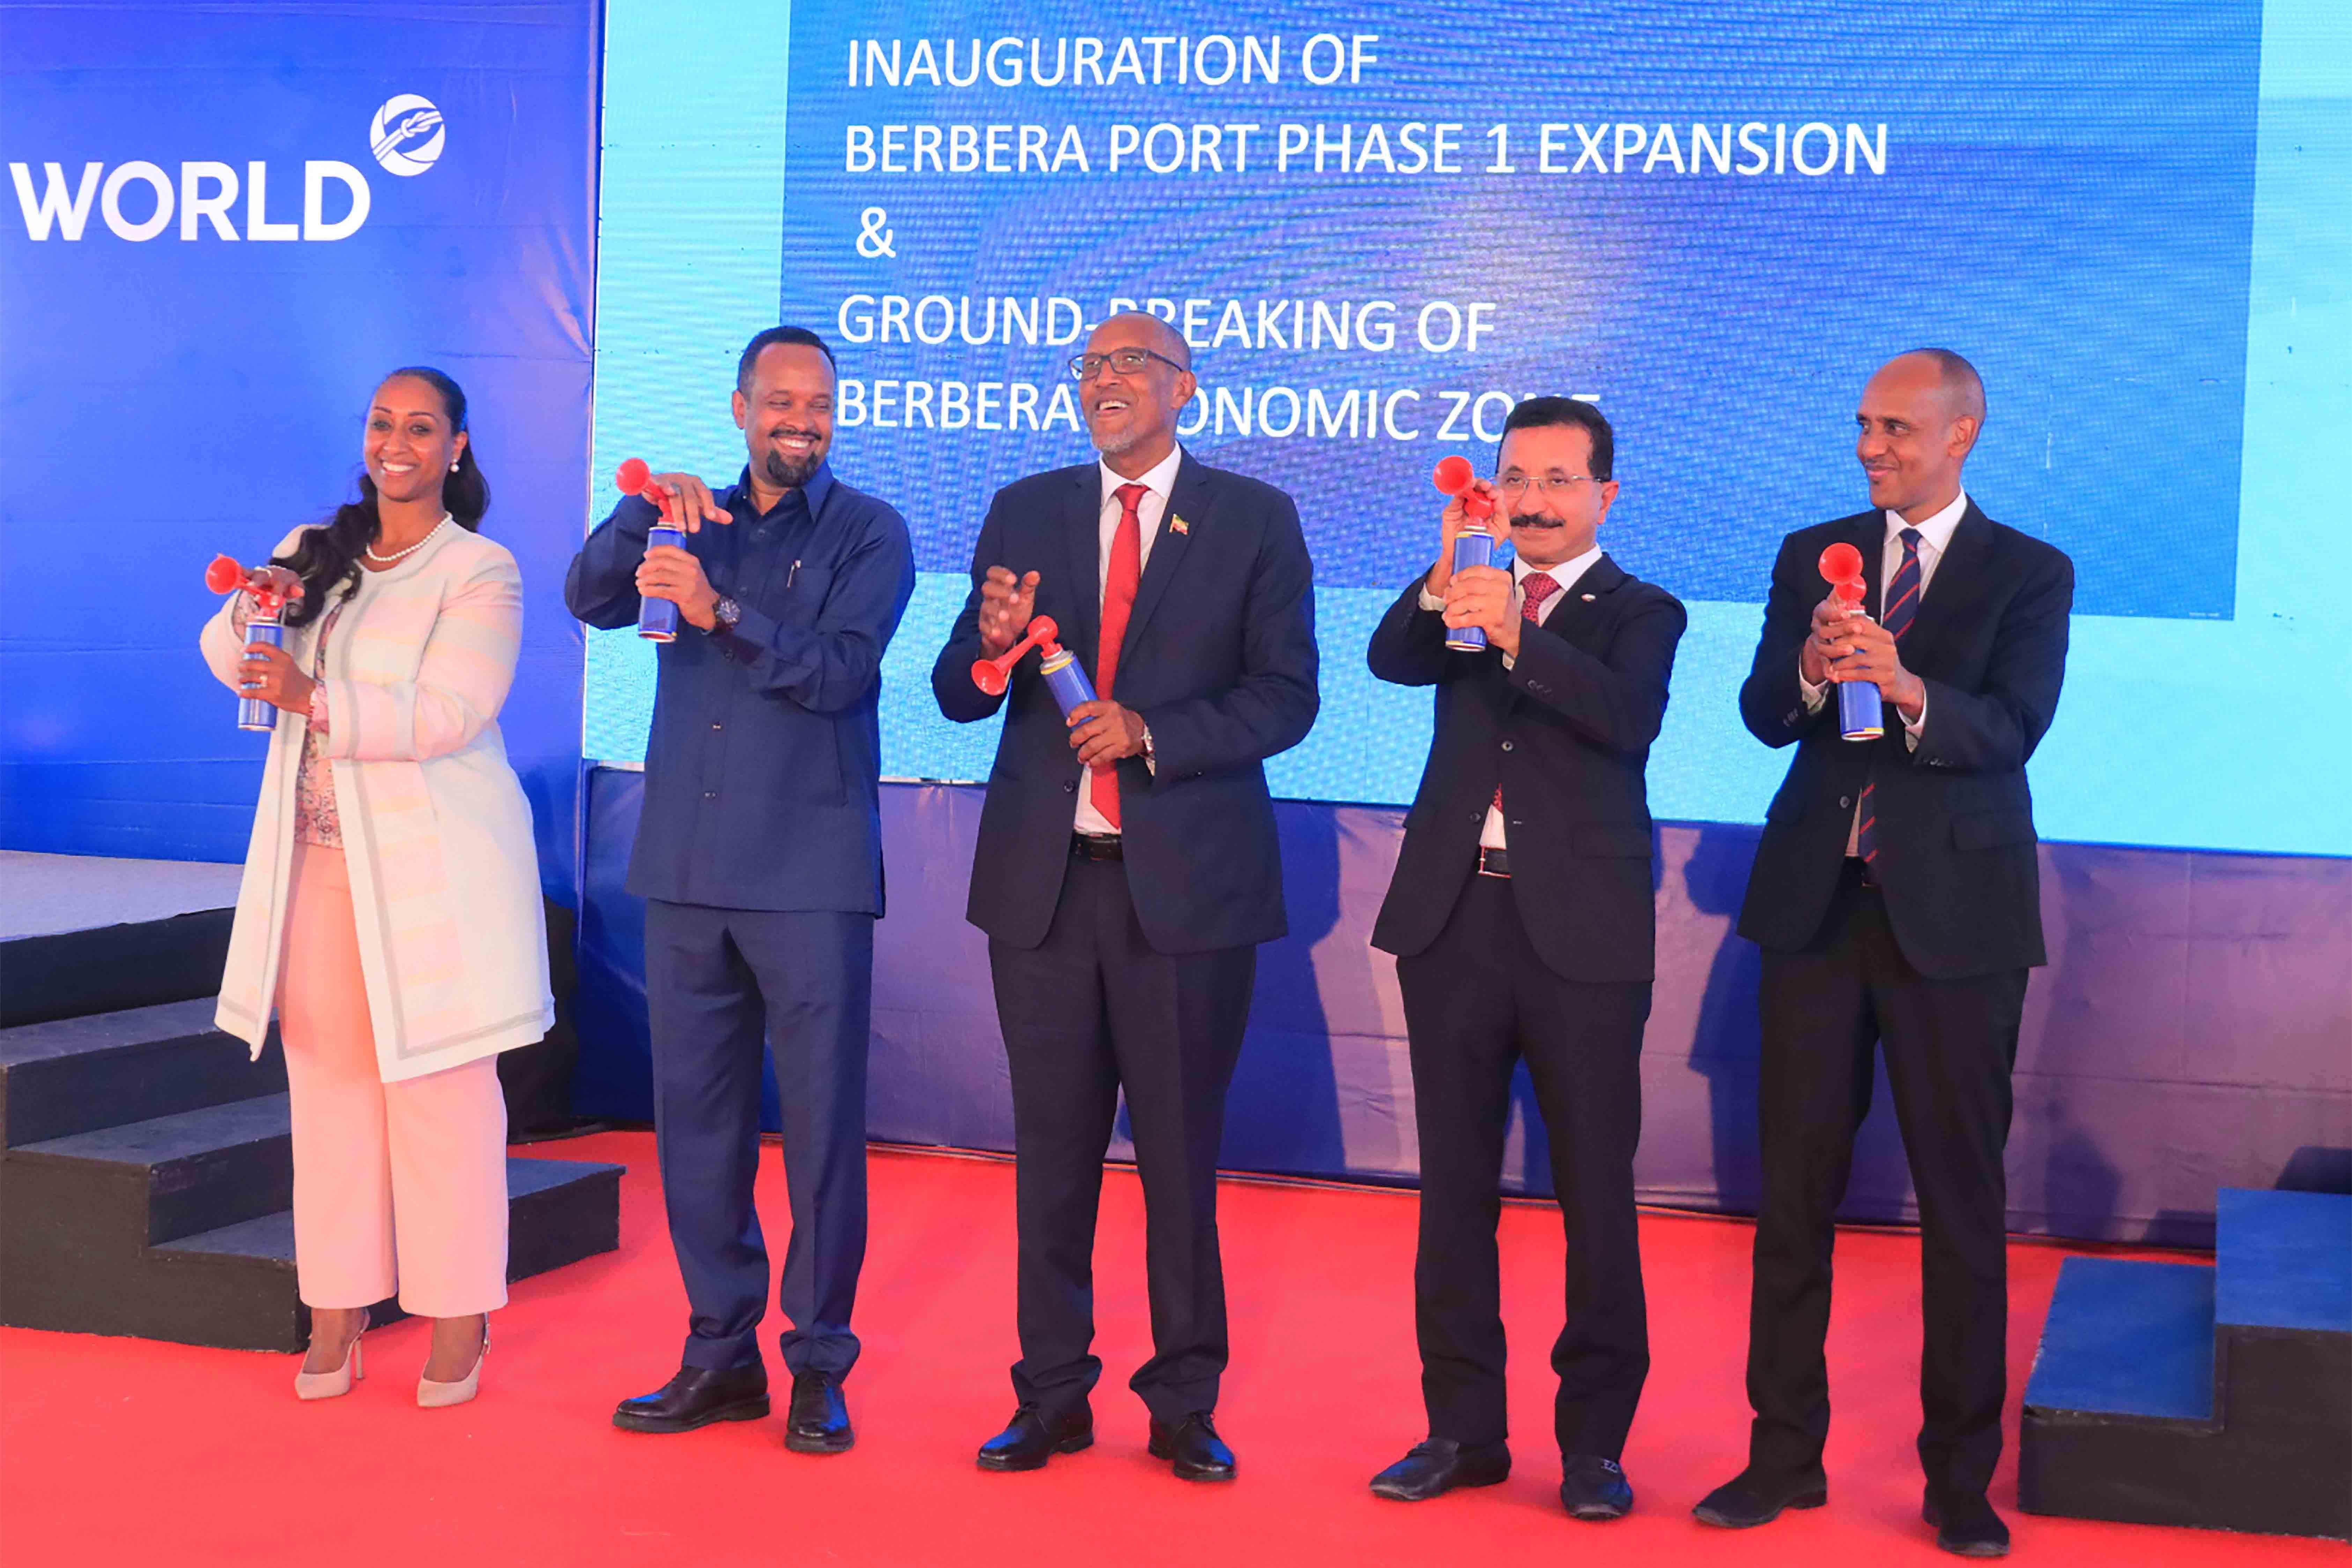 موانئ دبي العالمية وحكومة أرض الصومال تفتتحان محطة حاويات جديدة في ميناء بربرة